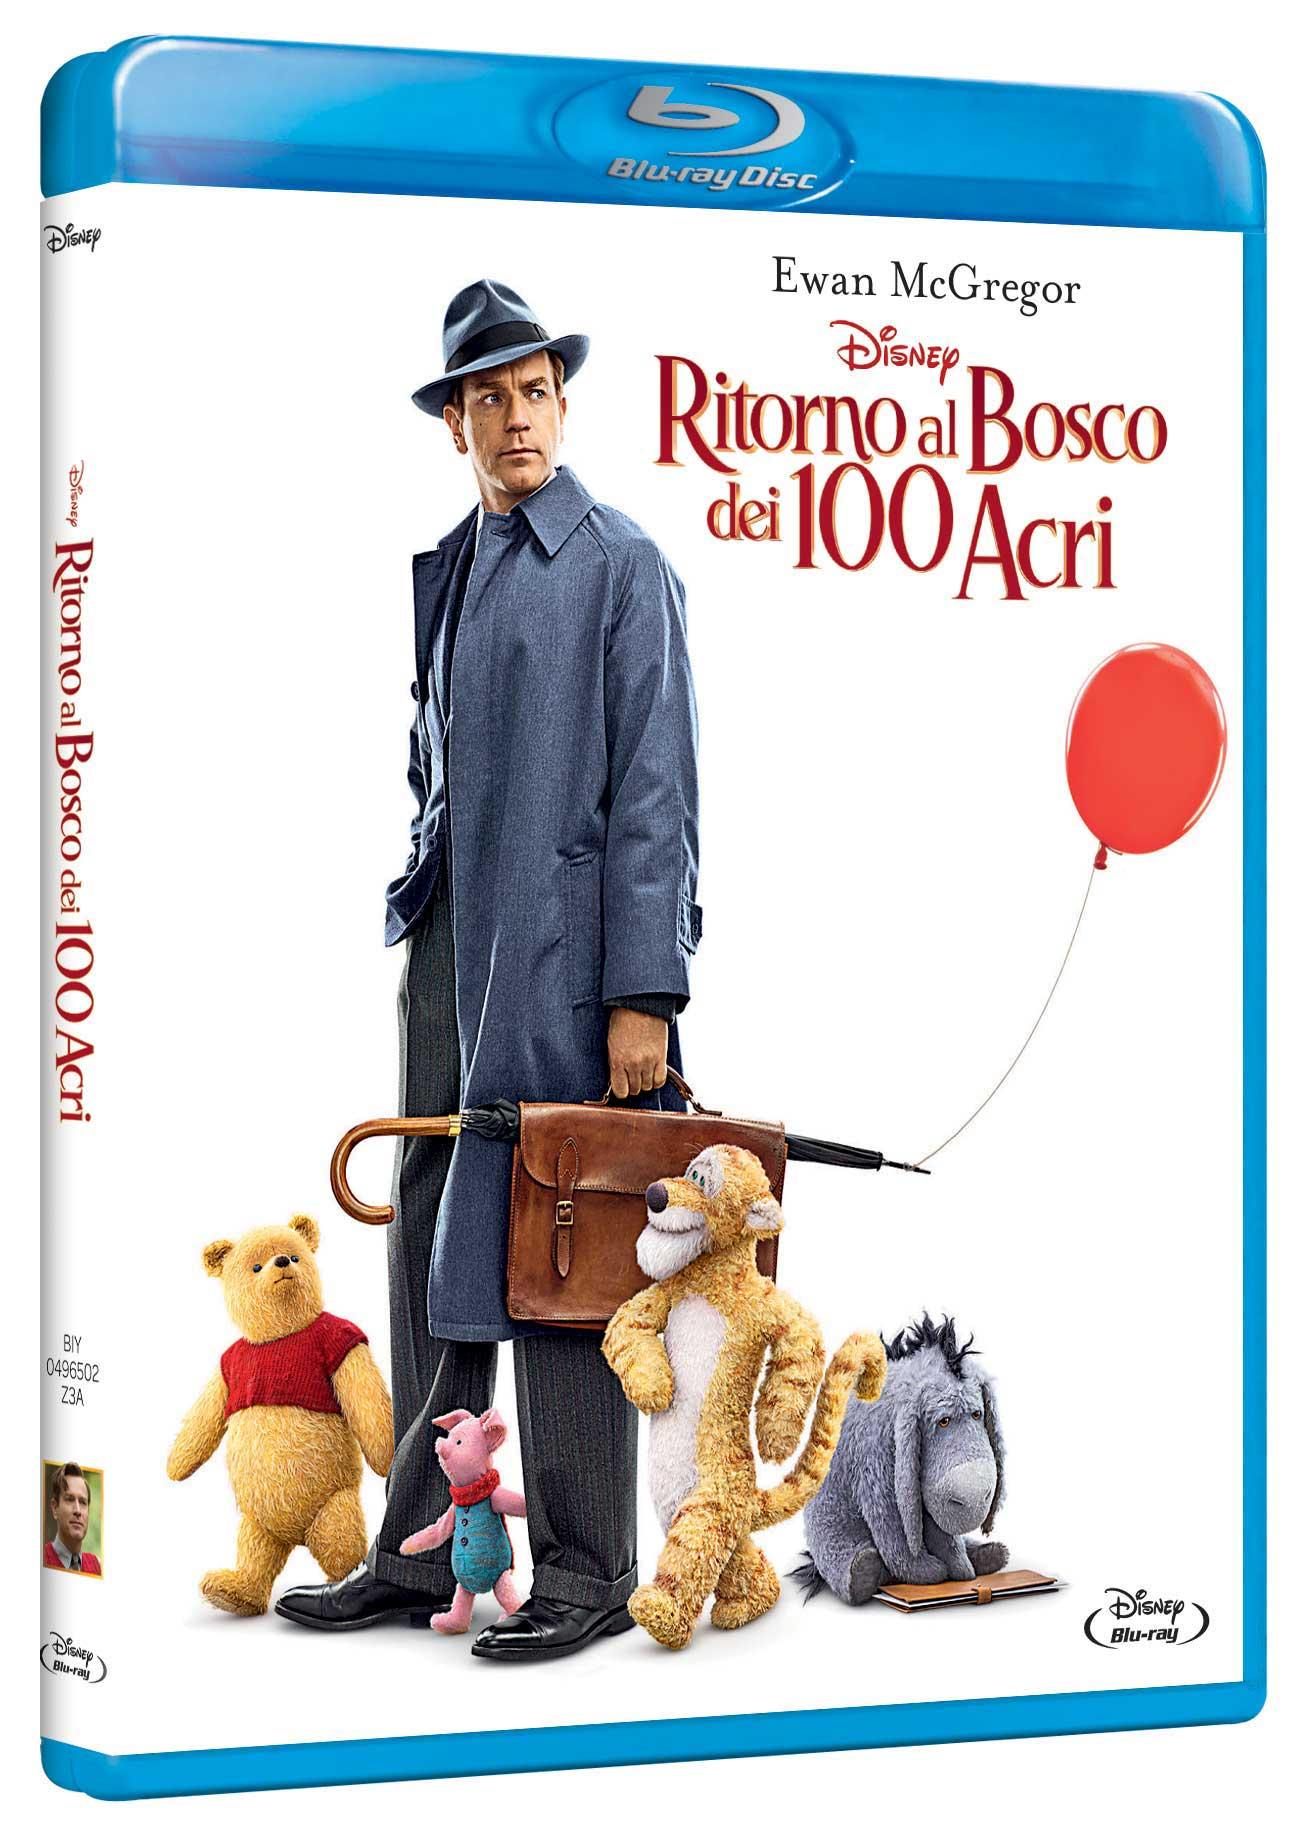 RITORNO AL BOSCO DEI 100 ACRI - BLU RAY